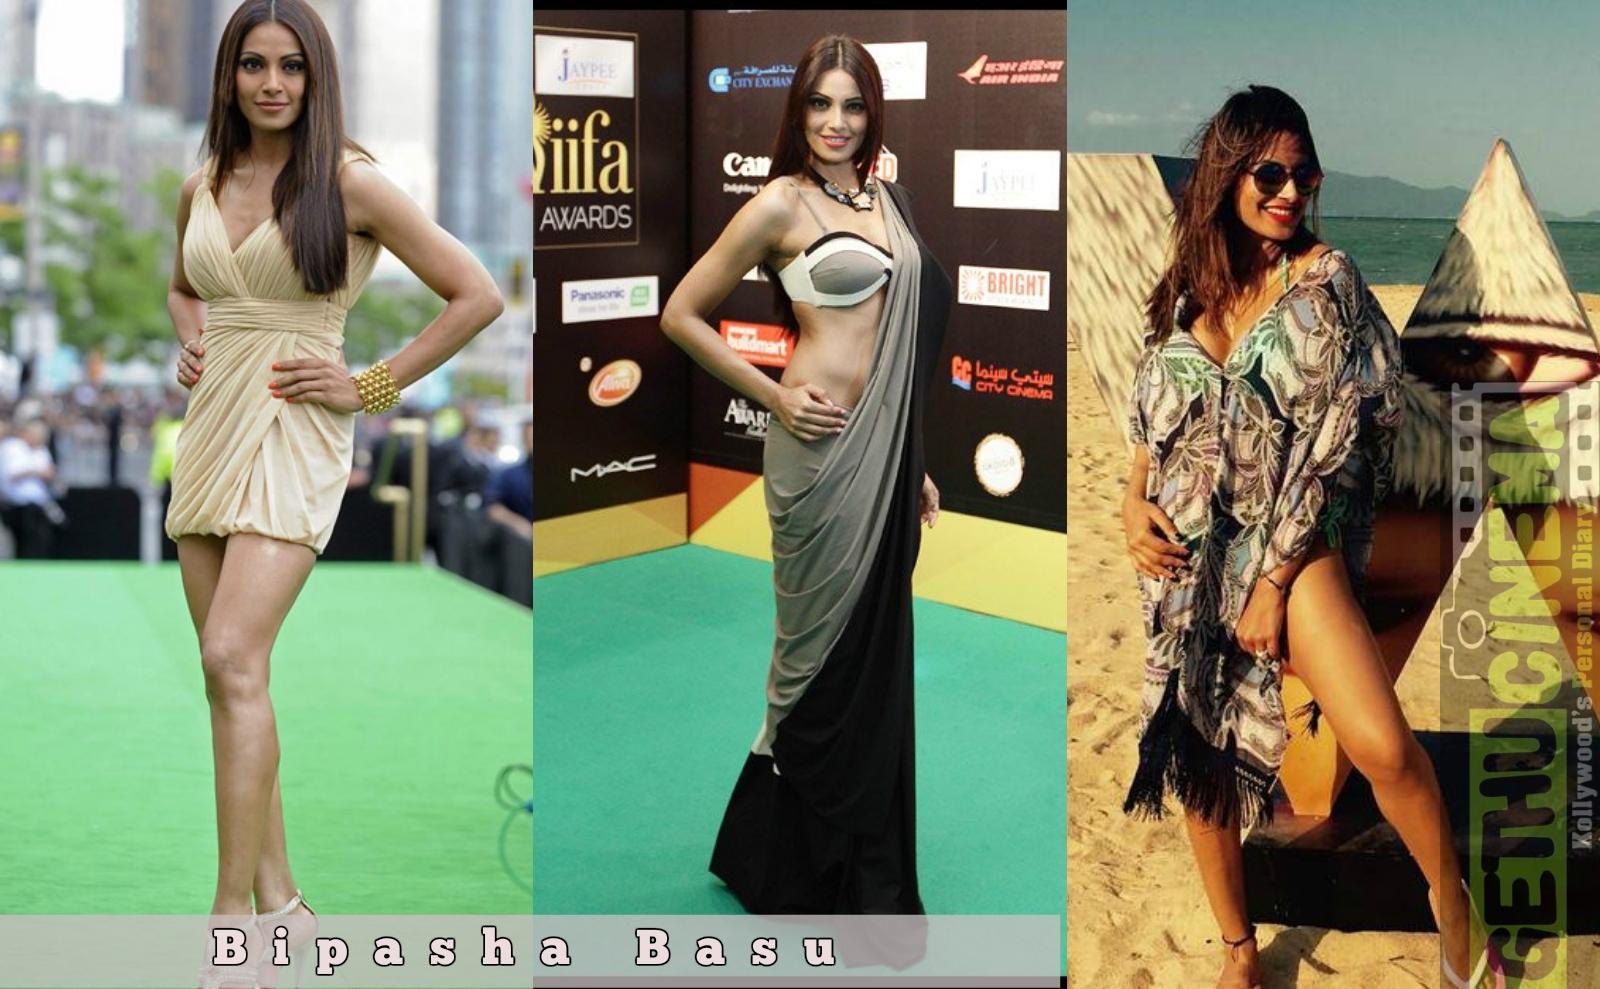 actress bipasha basu latest hot photos - gethu cinema